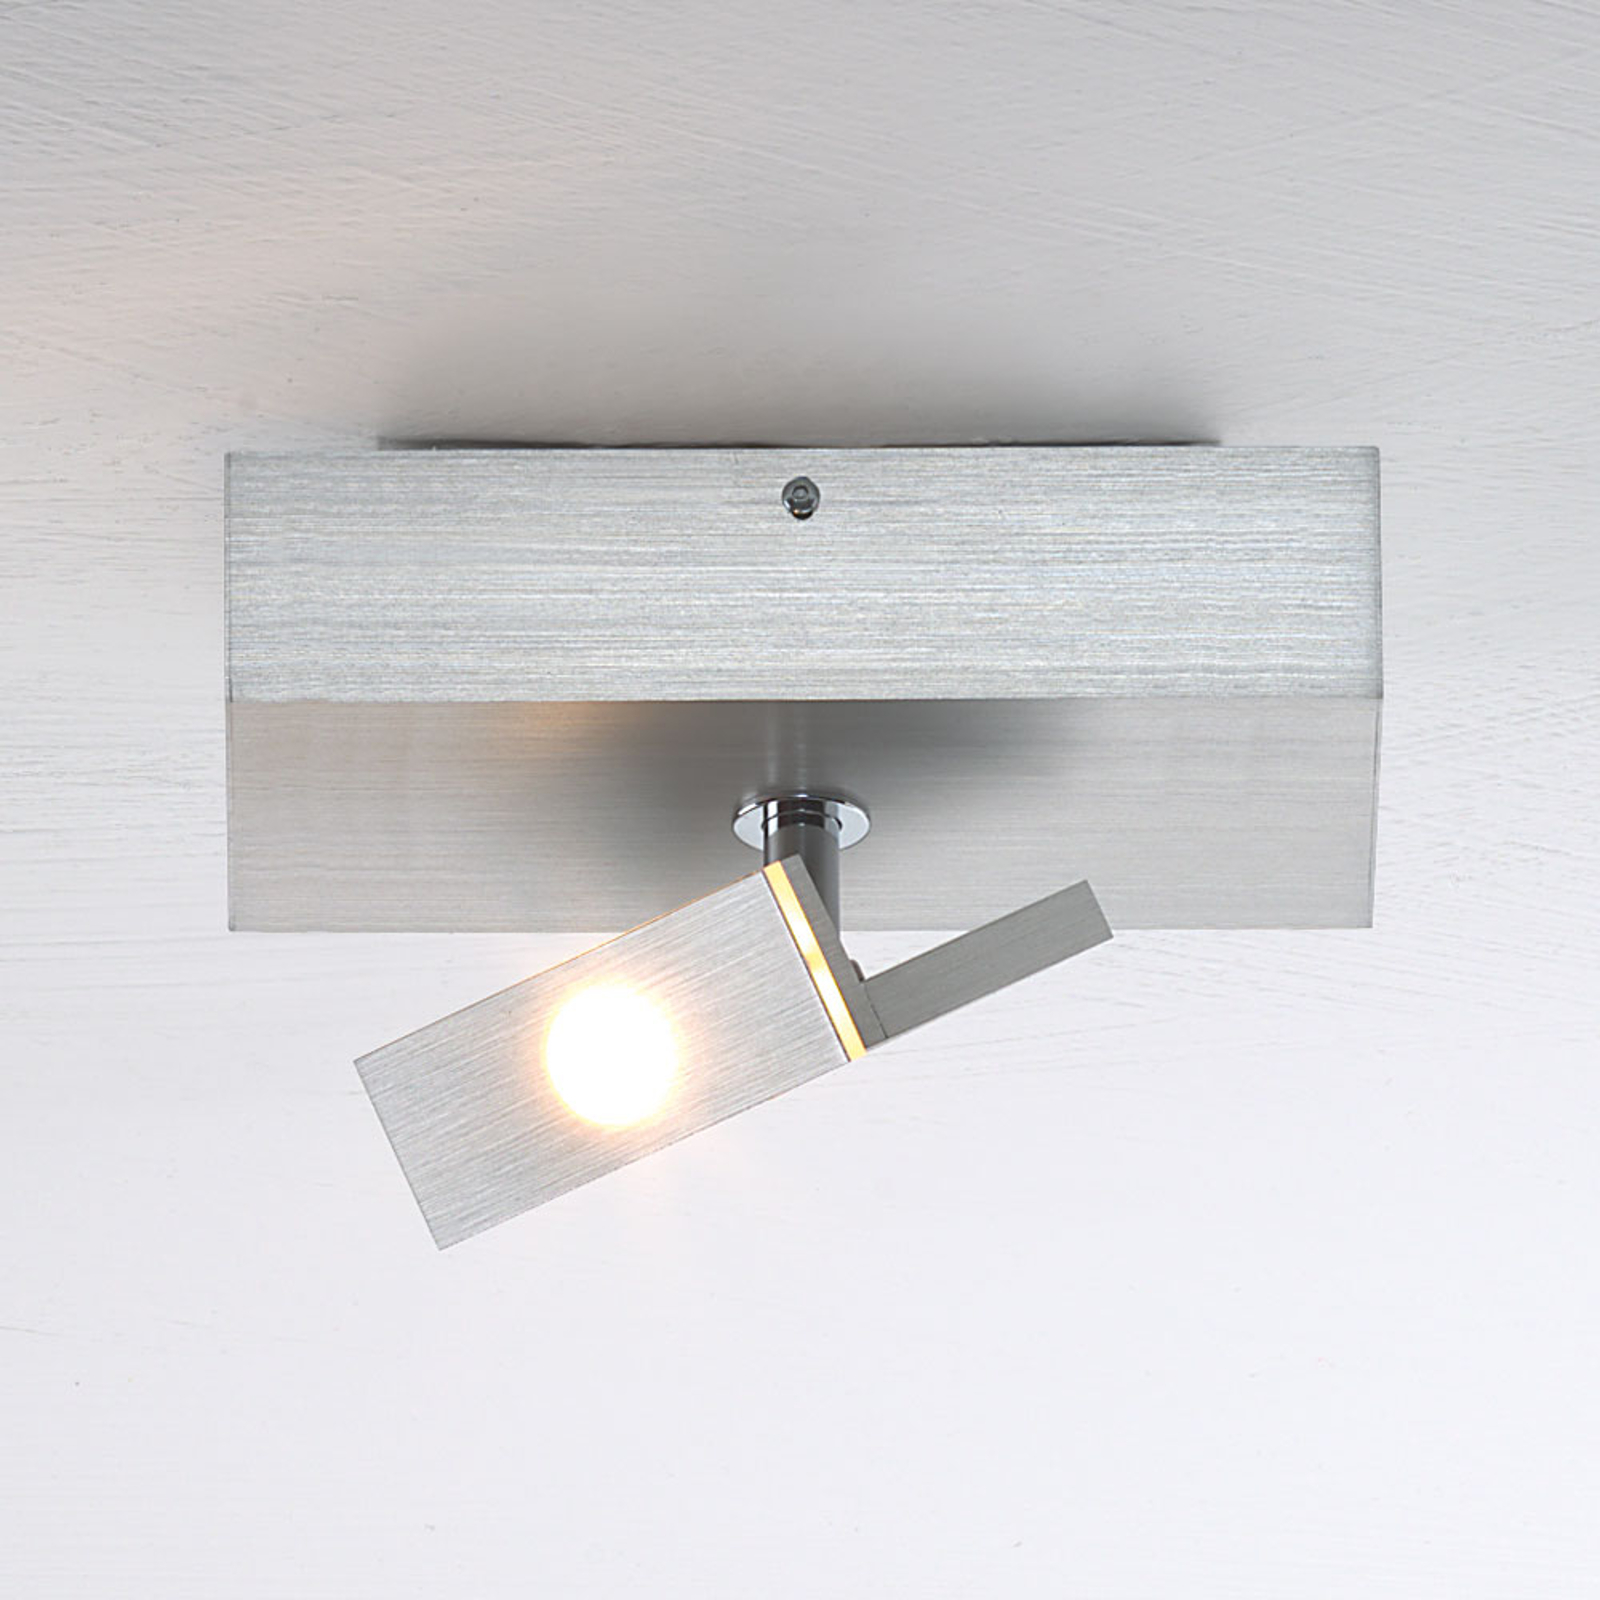 Piccolo spot LED Elle, girevole e dimmerabile